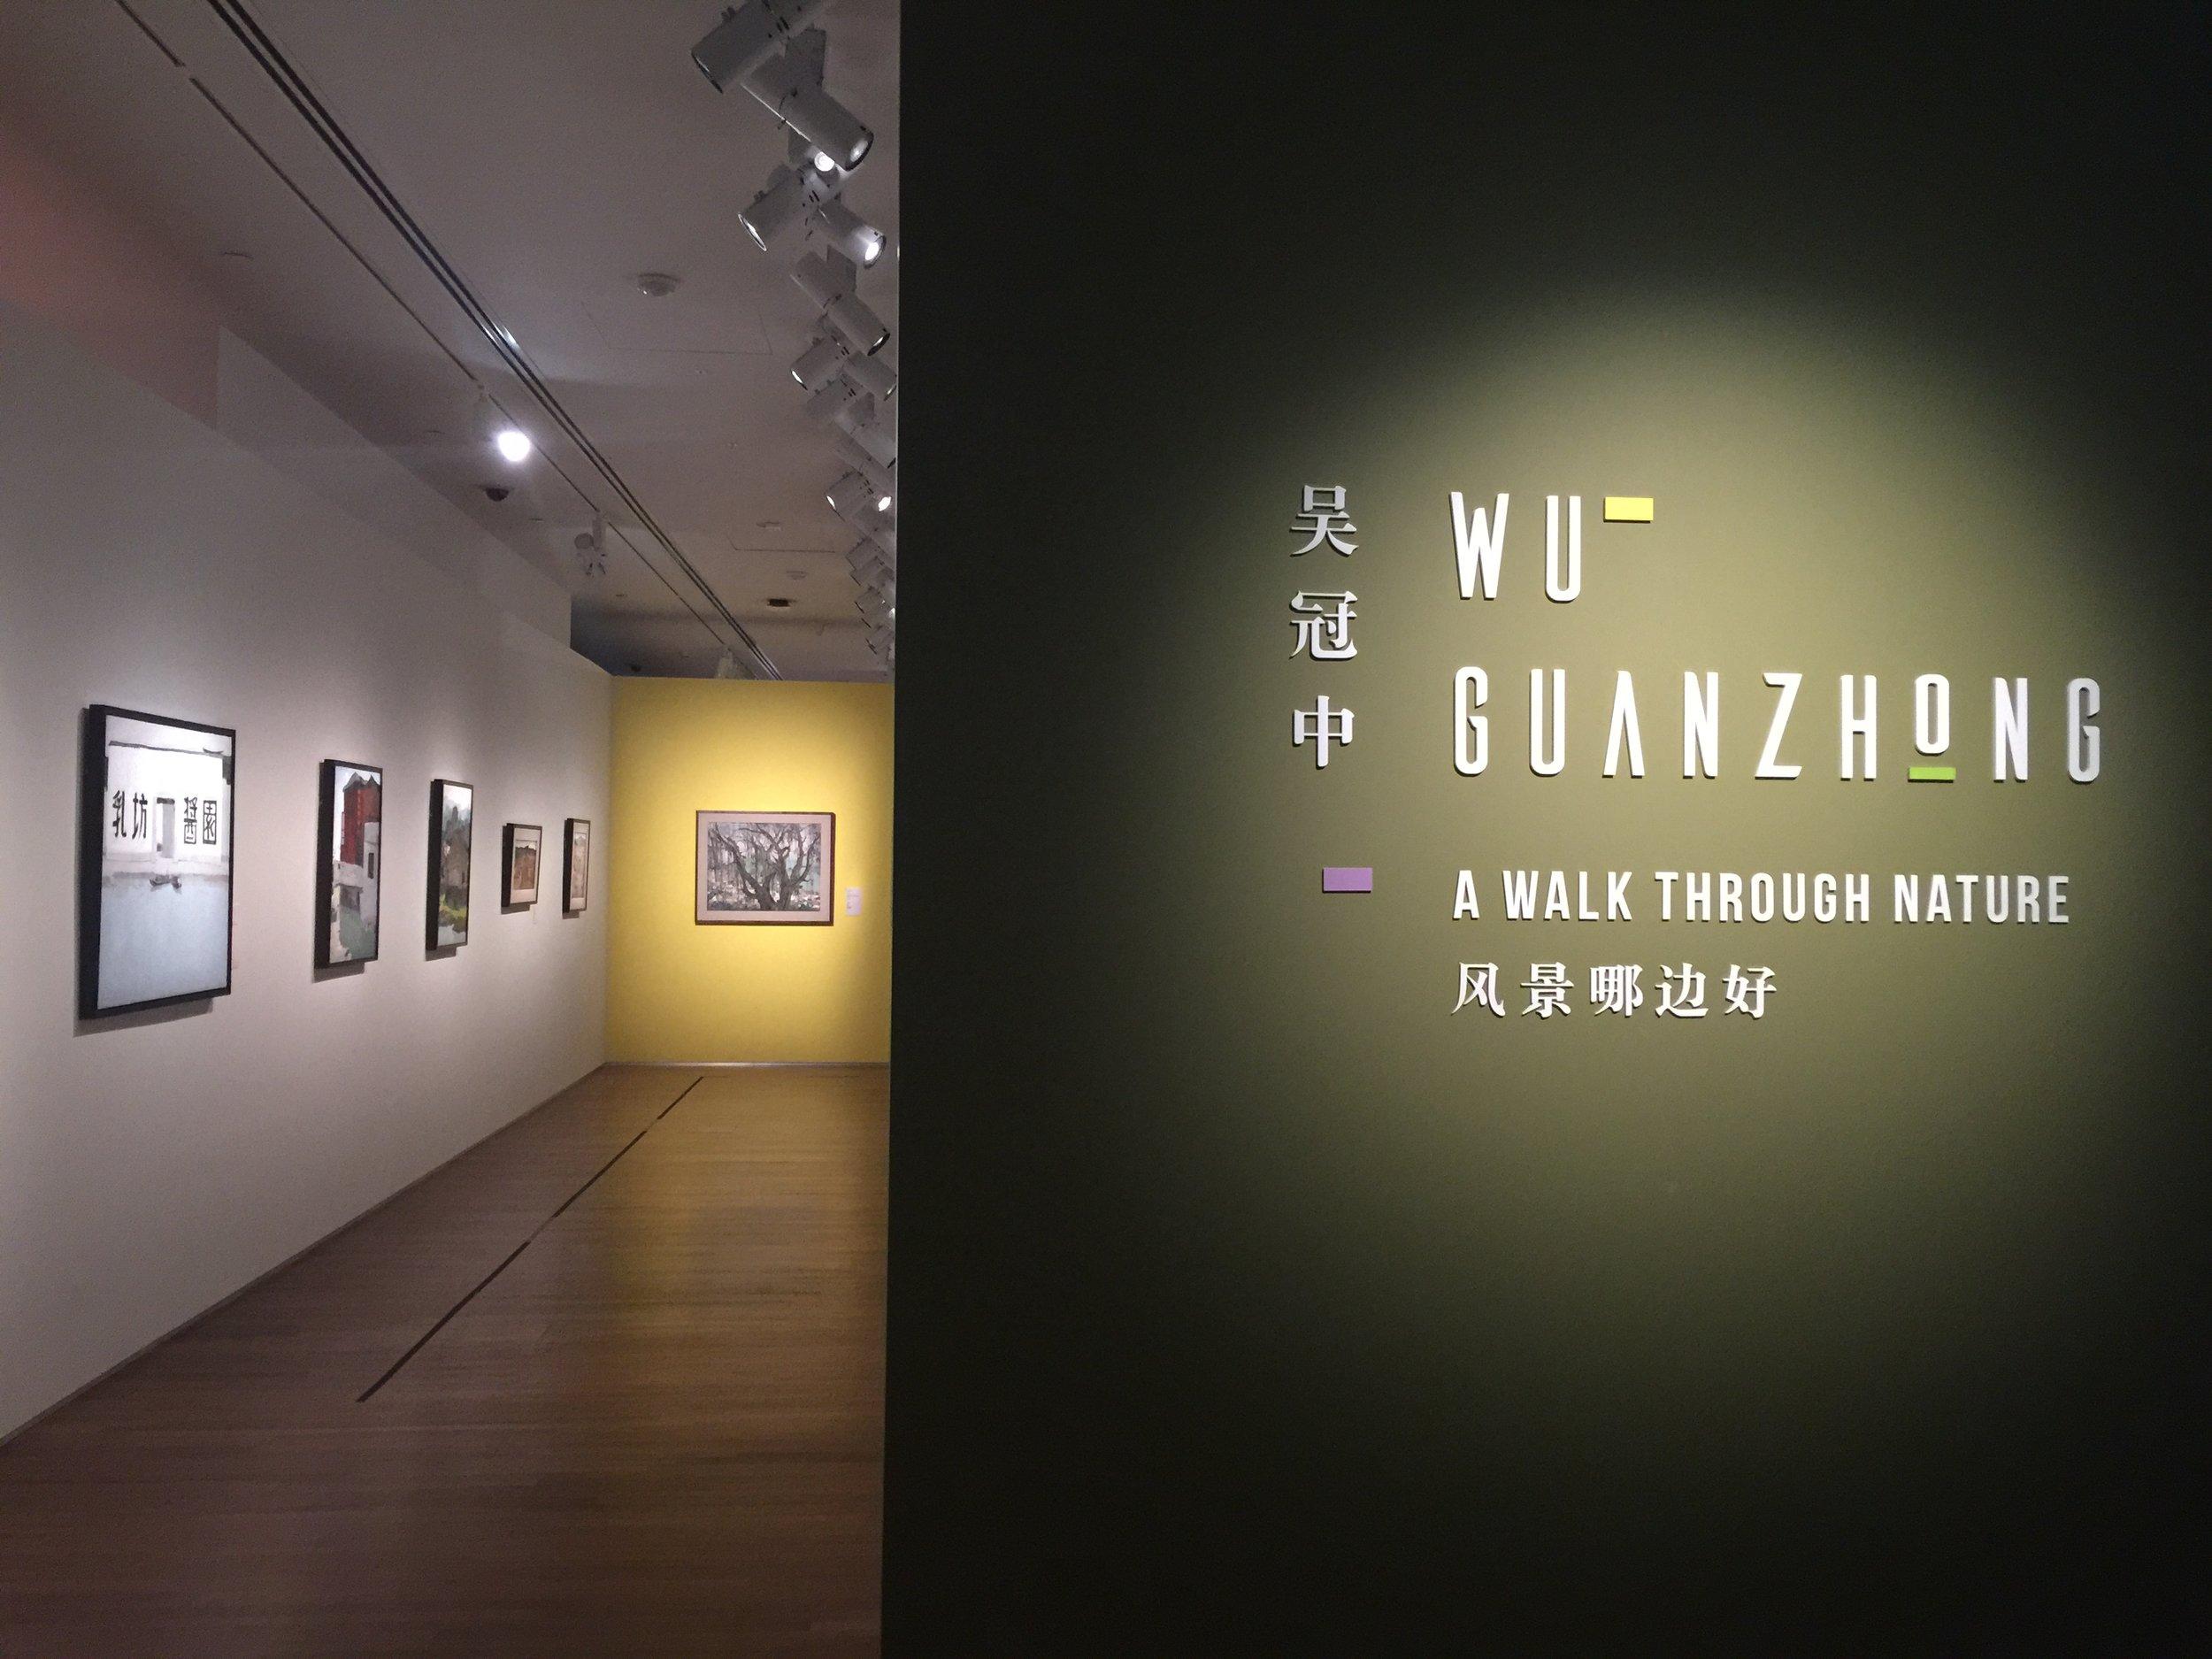 WU GUANZHONG: A WALK THROUGH NATURE